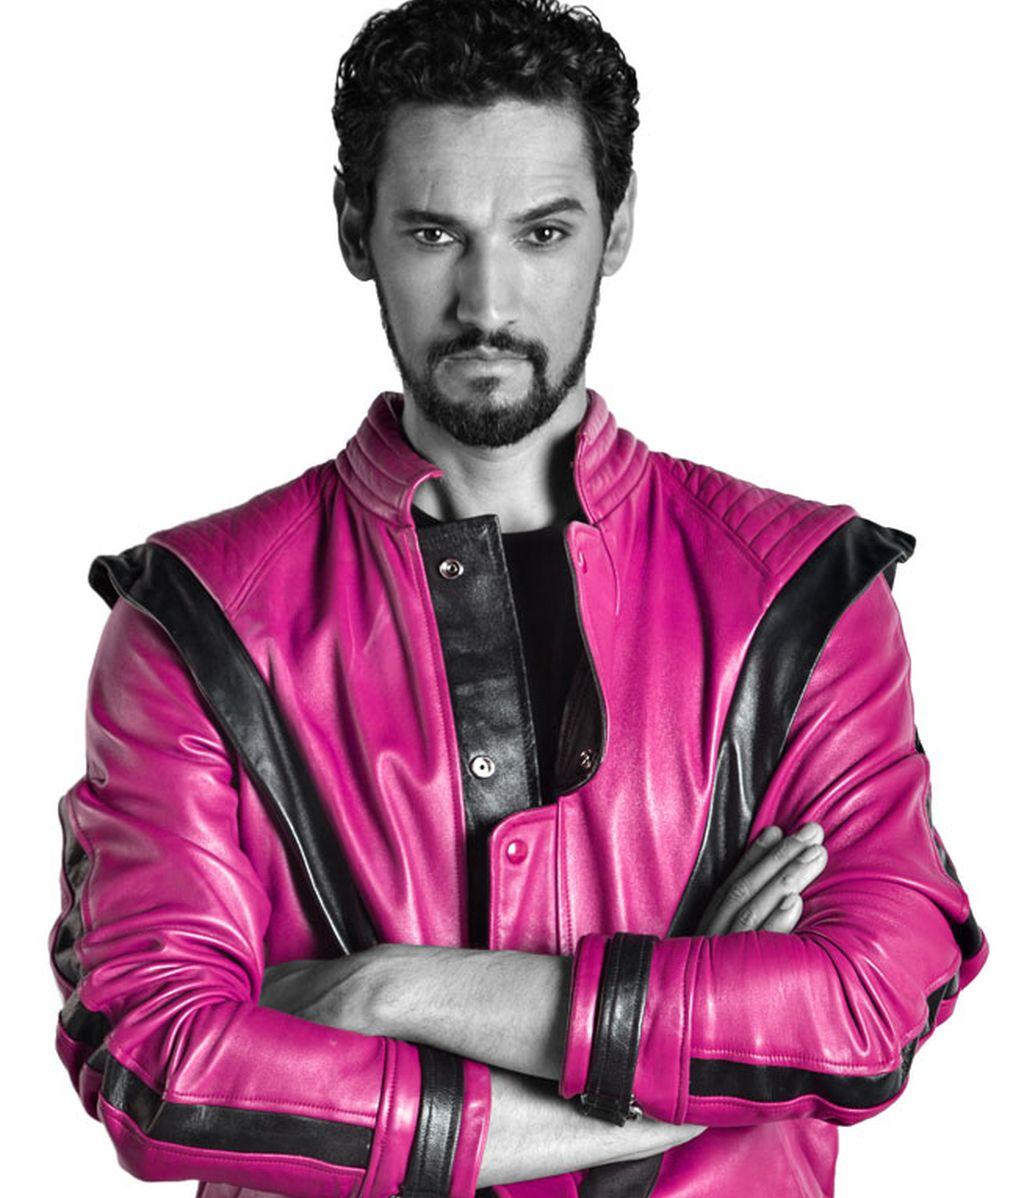 ¡Él es Stany Coppet 'Jackson'! El nuevo chico Divinity que llega a ritmo de 'Rey del pop'